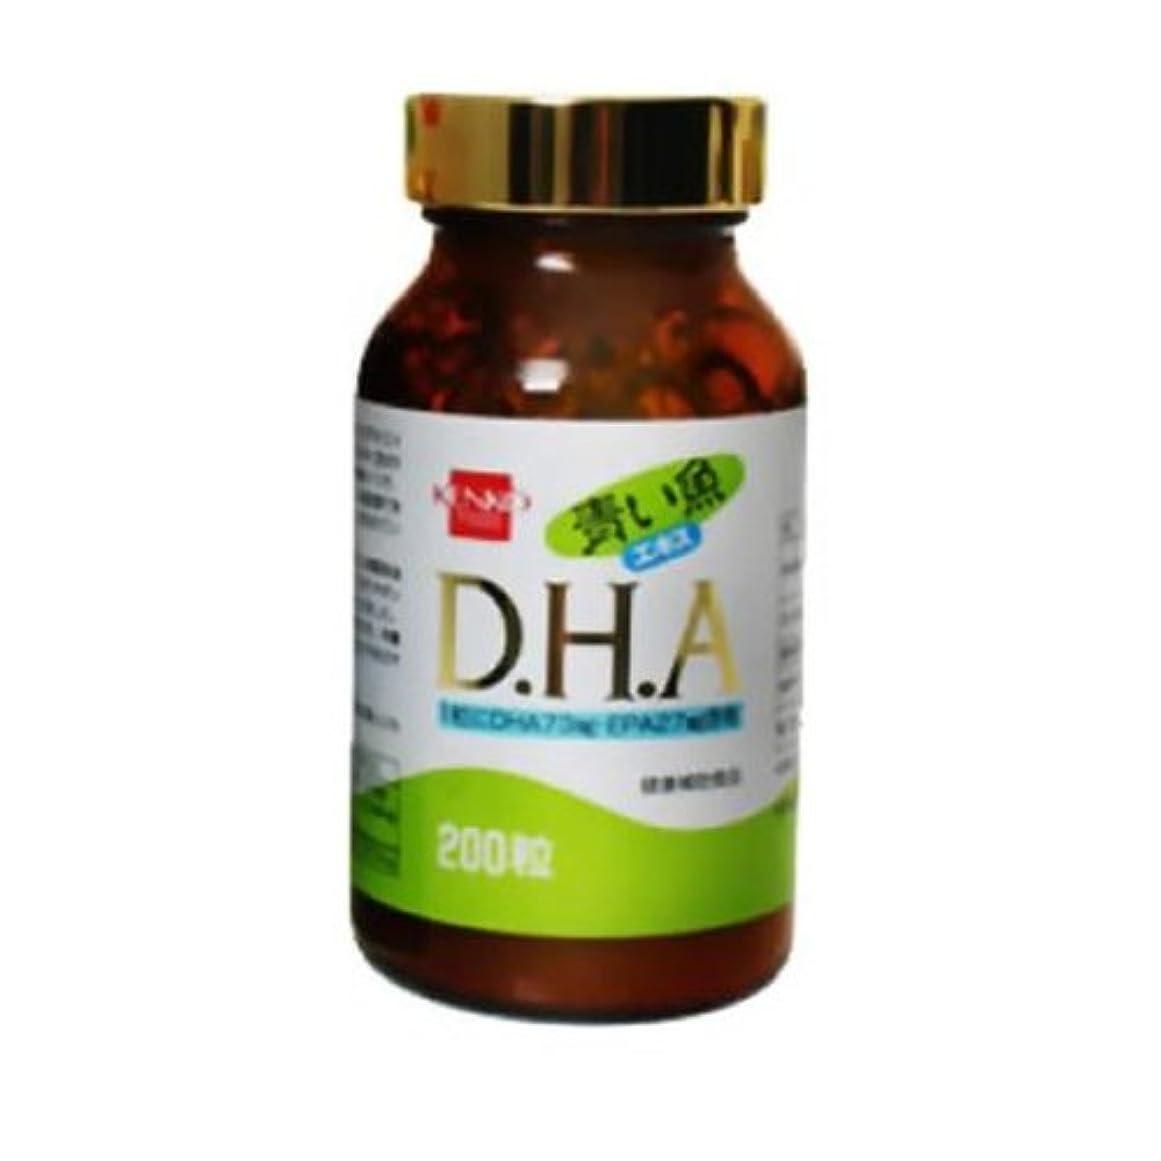 レクリエーション掻く失礼な青い魚エキス DHA EPA 200粒